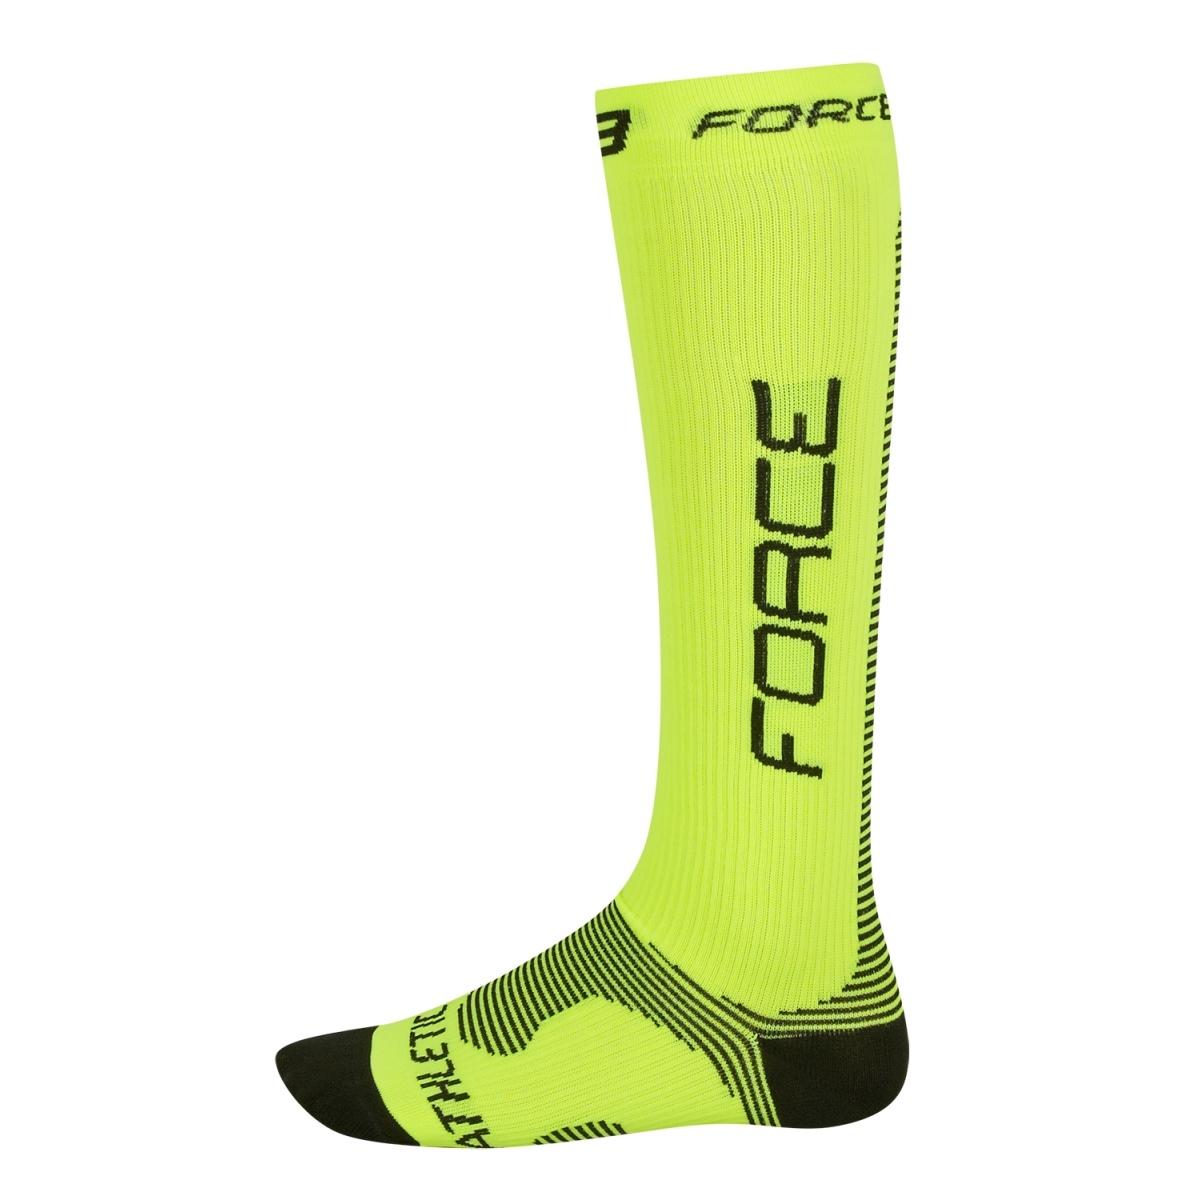 Force ponožky Athletic Pro Kompresfluo-černé L-XL